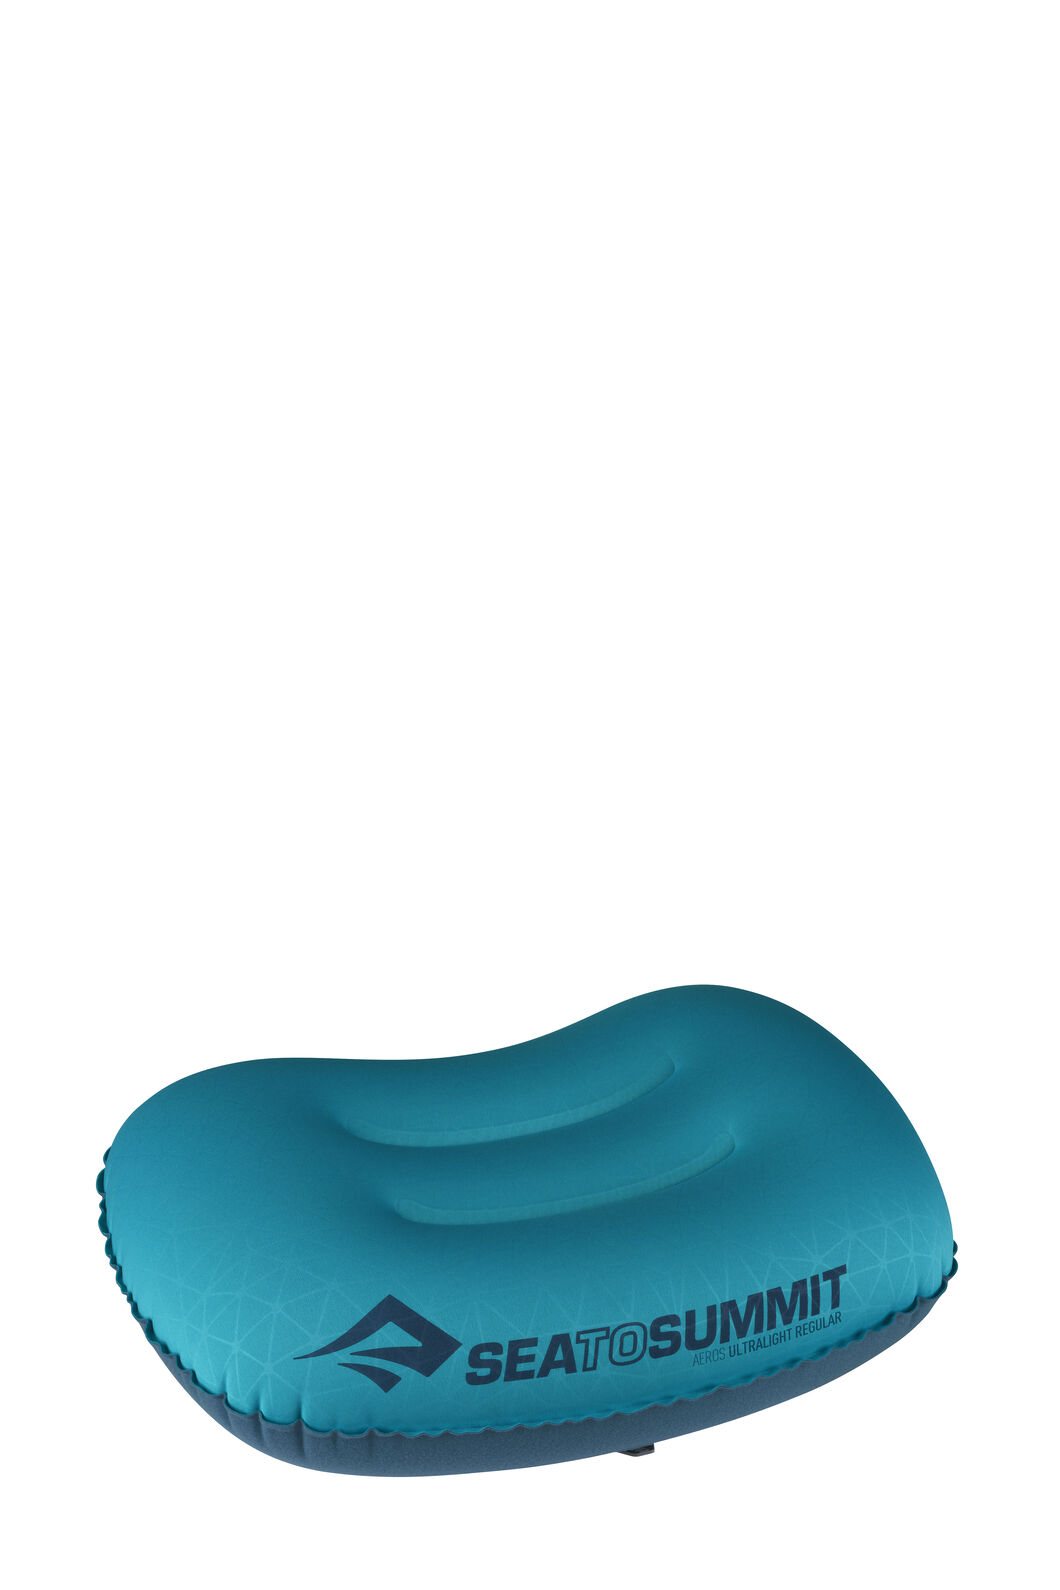 Sea to Summit Aeros Ultralight Pillow — Regular, Aqua, hi-res